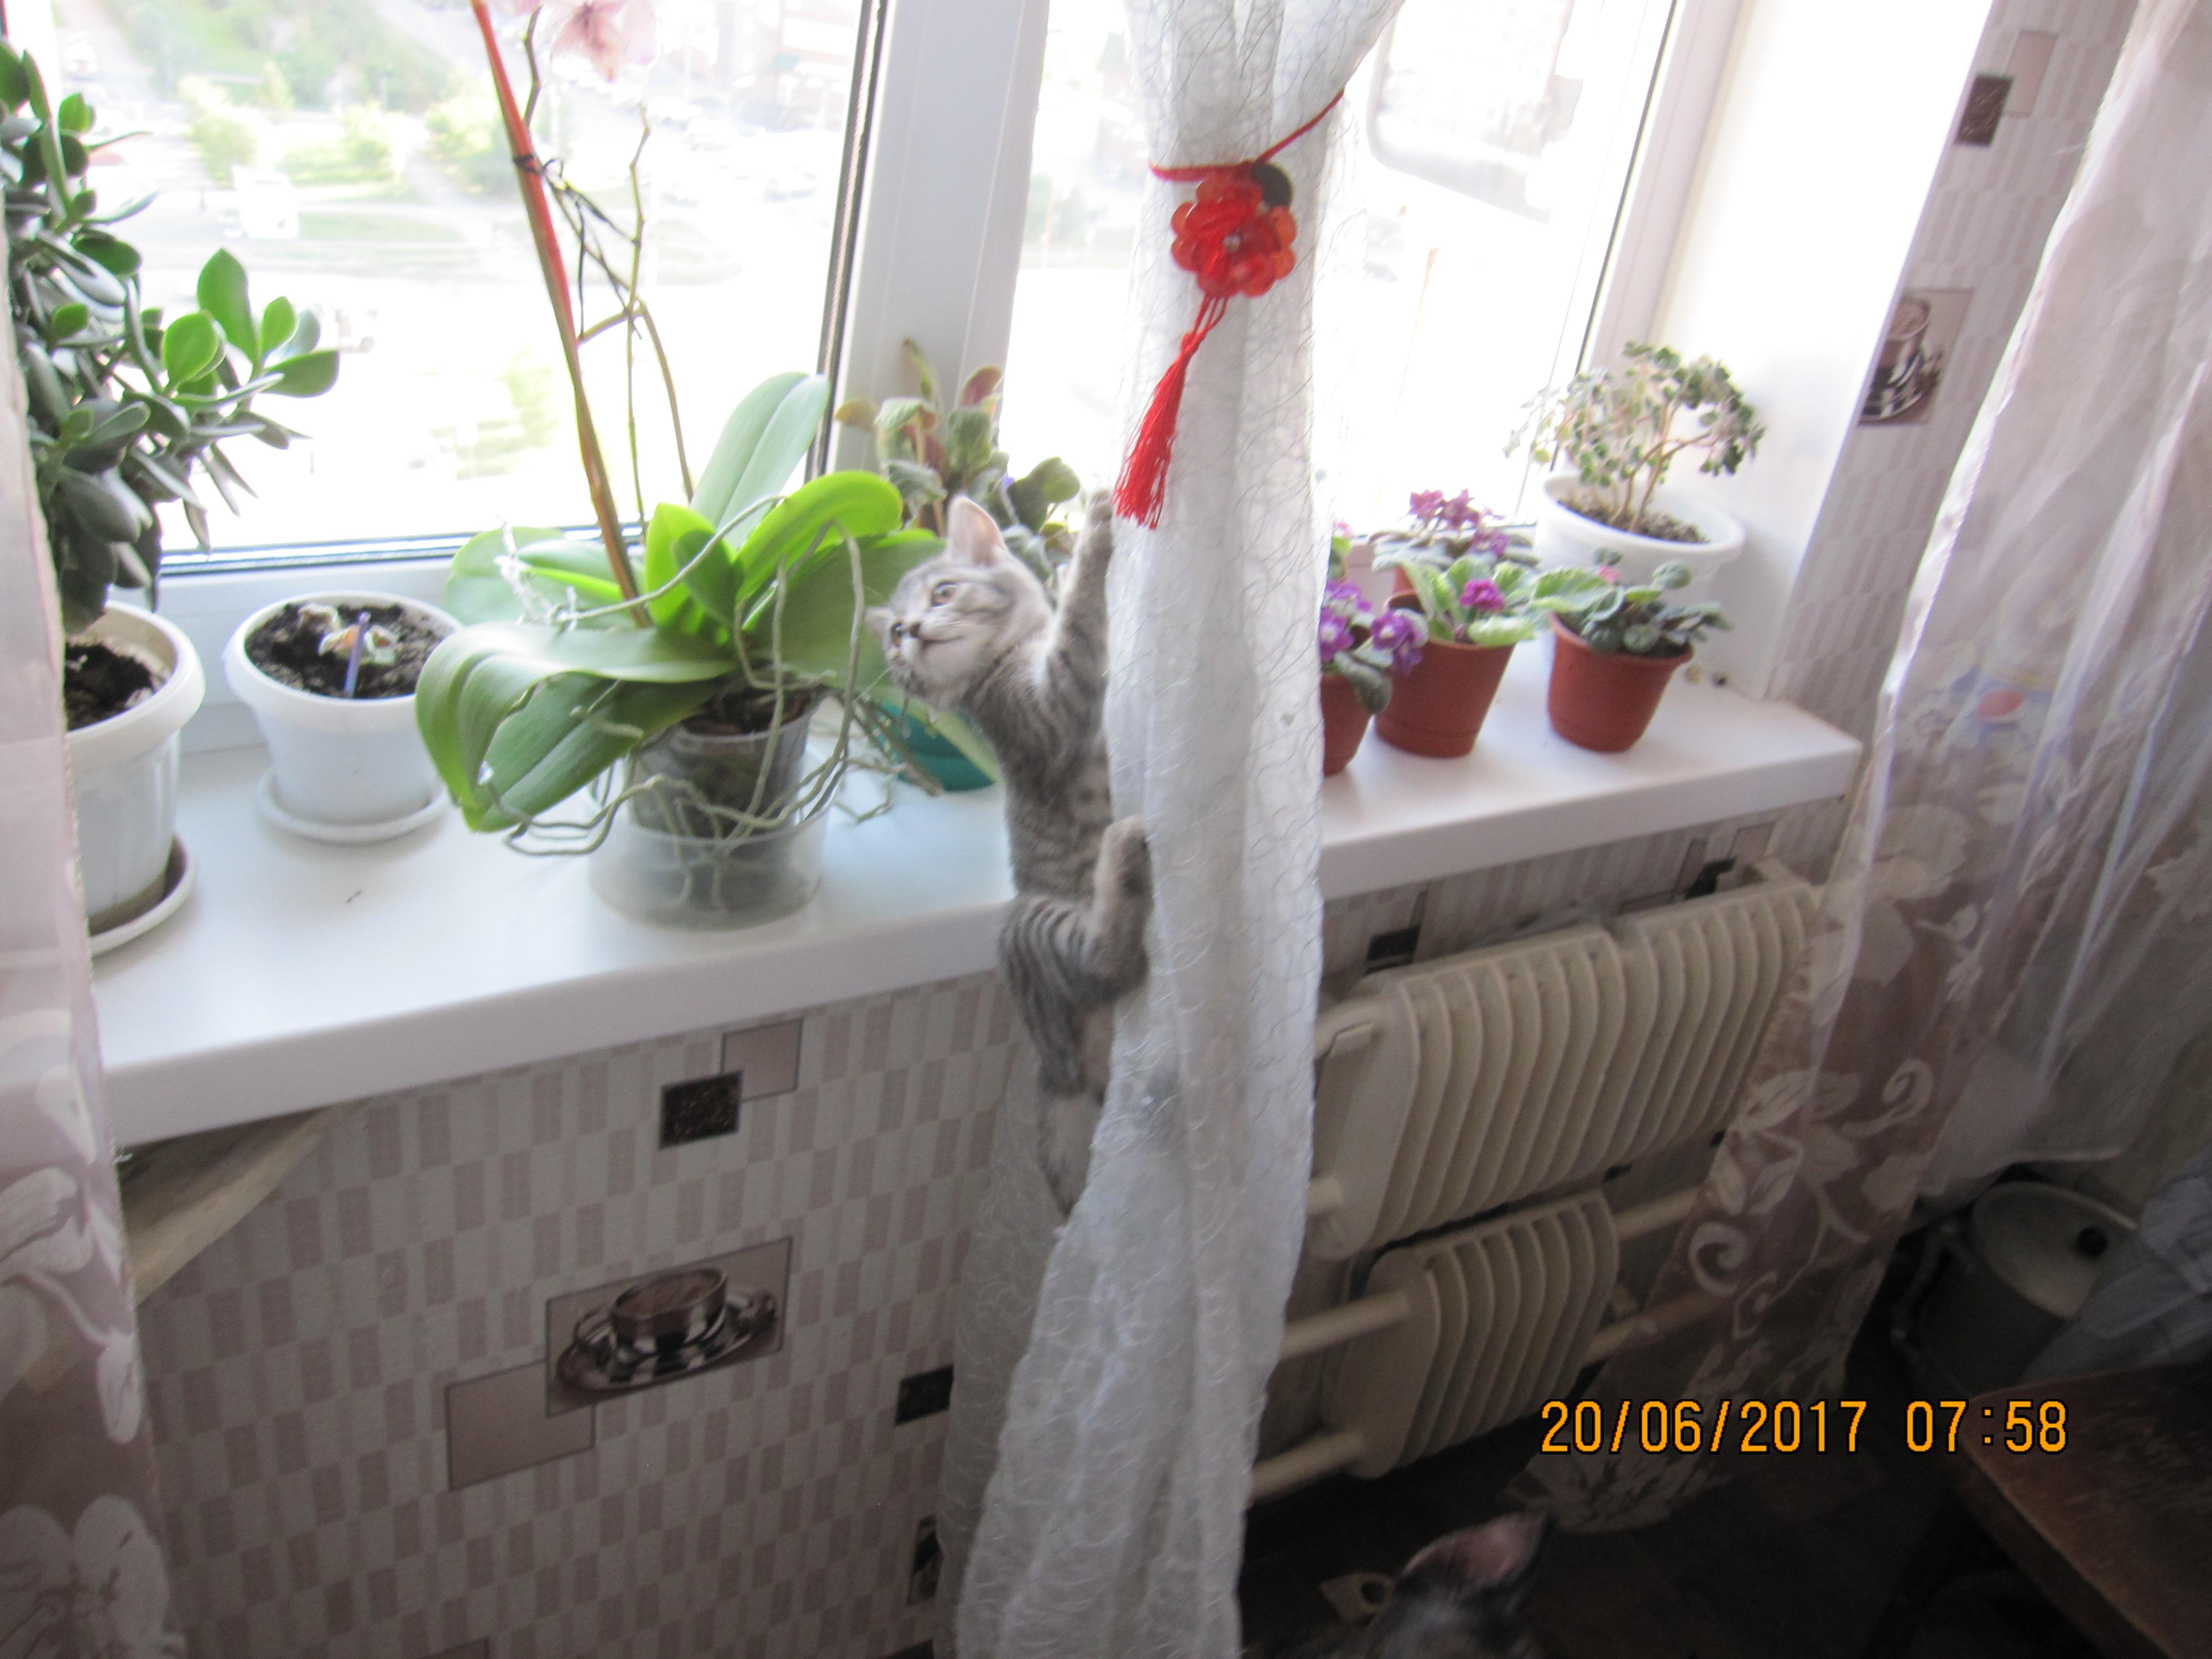 Кошка на шторе